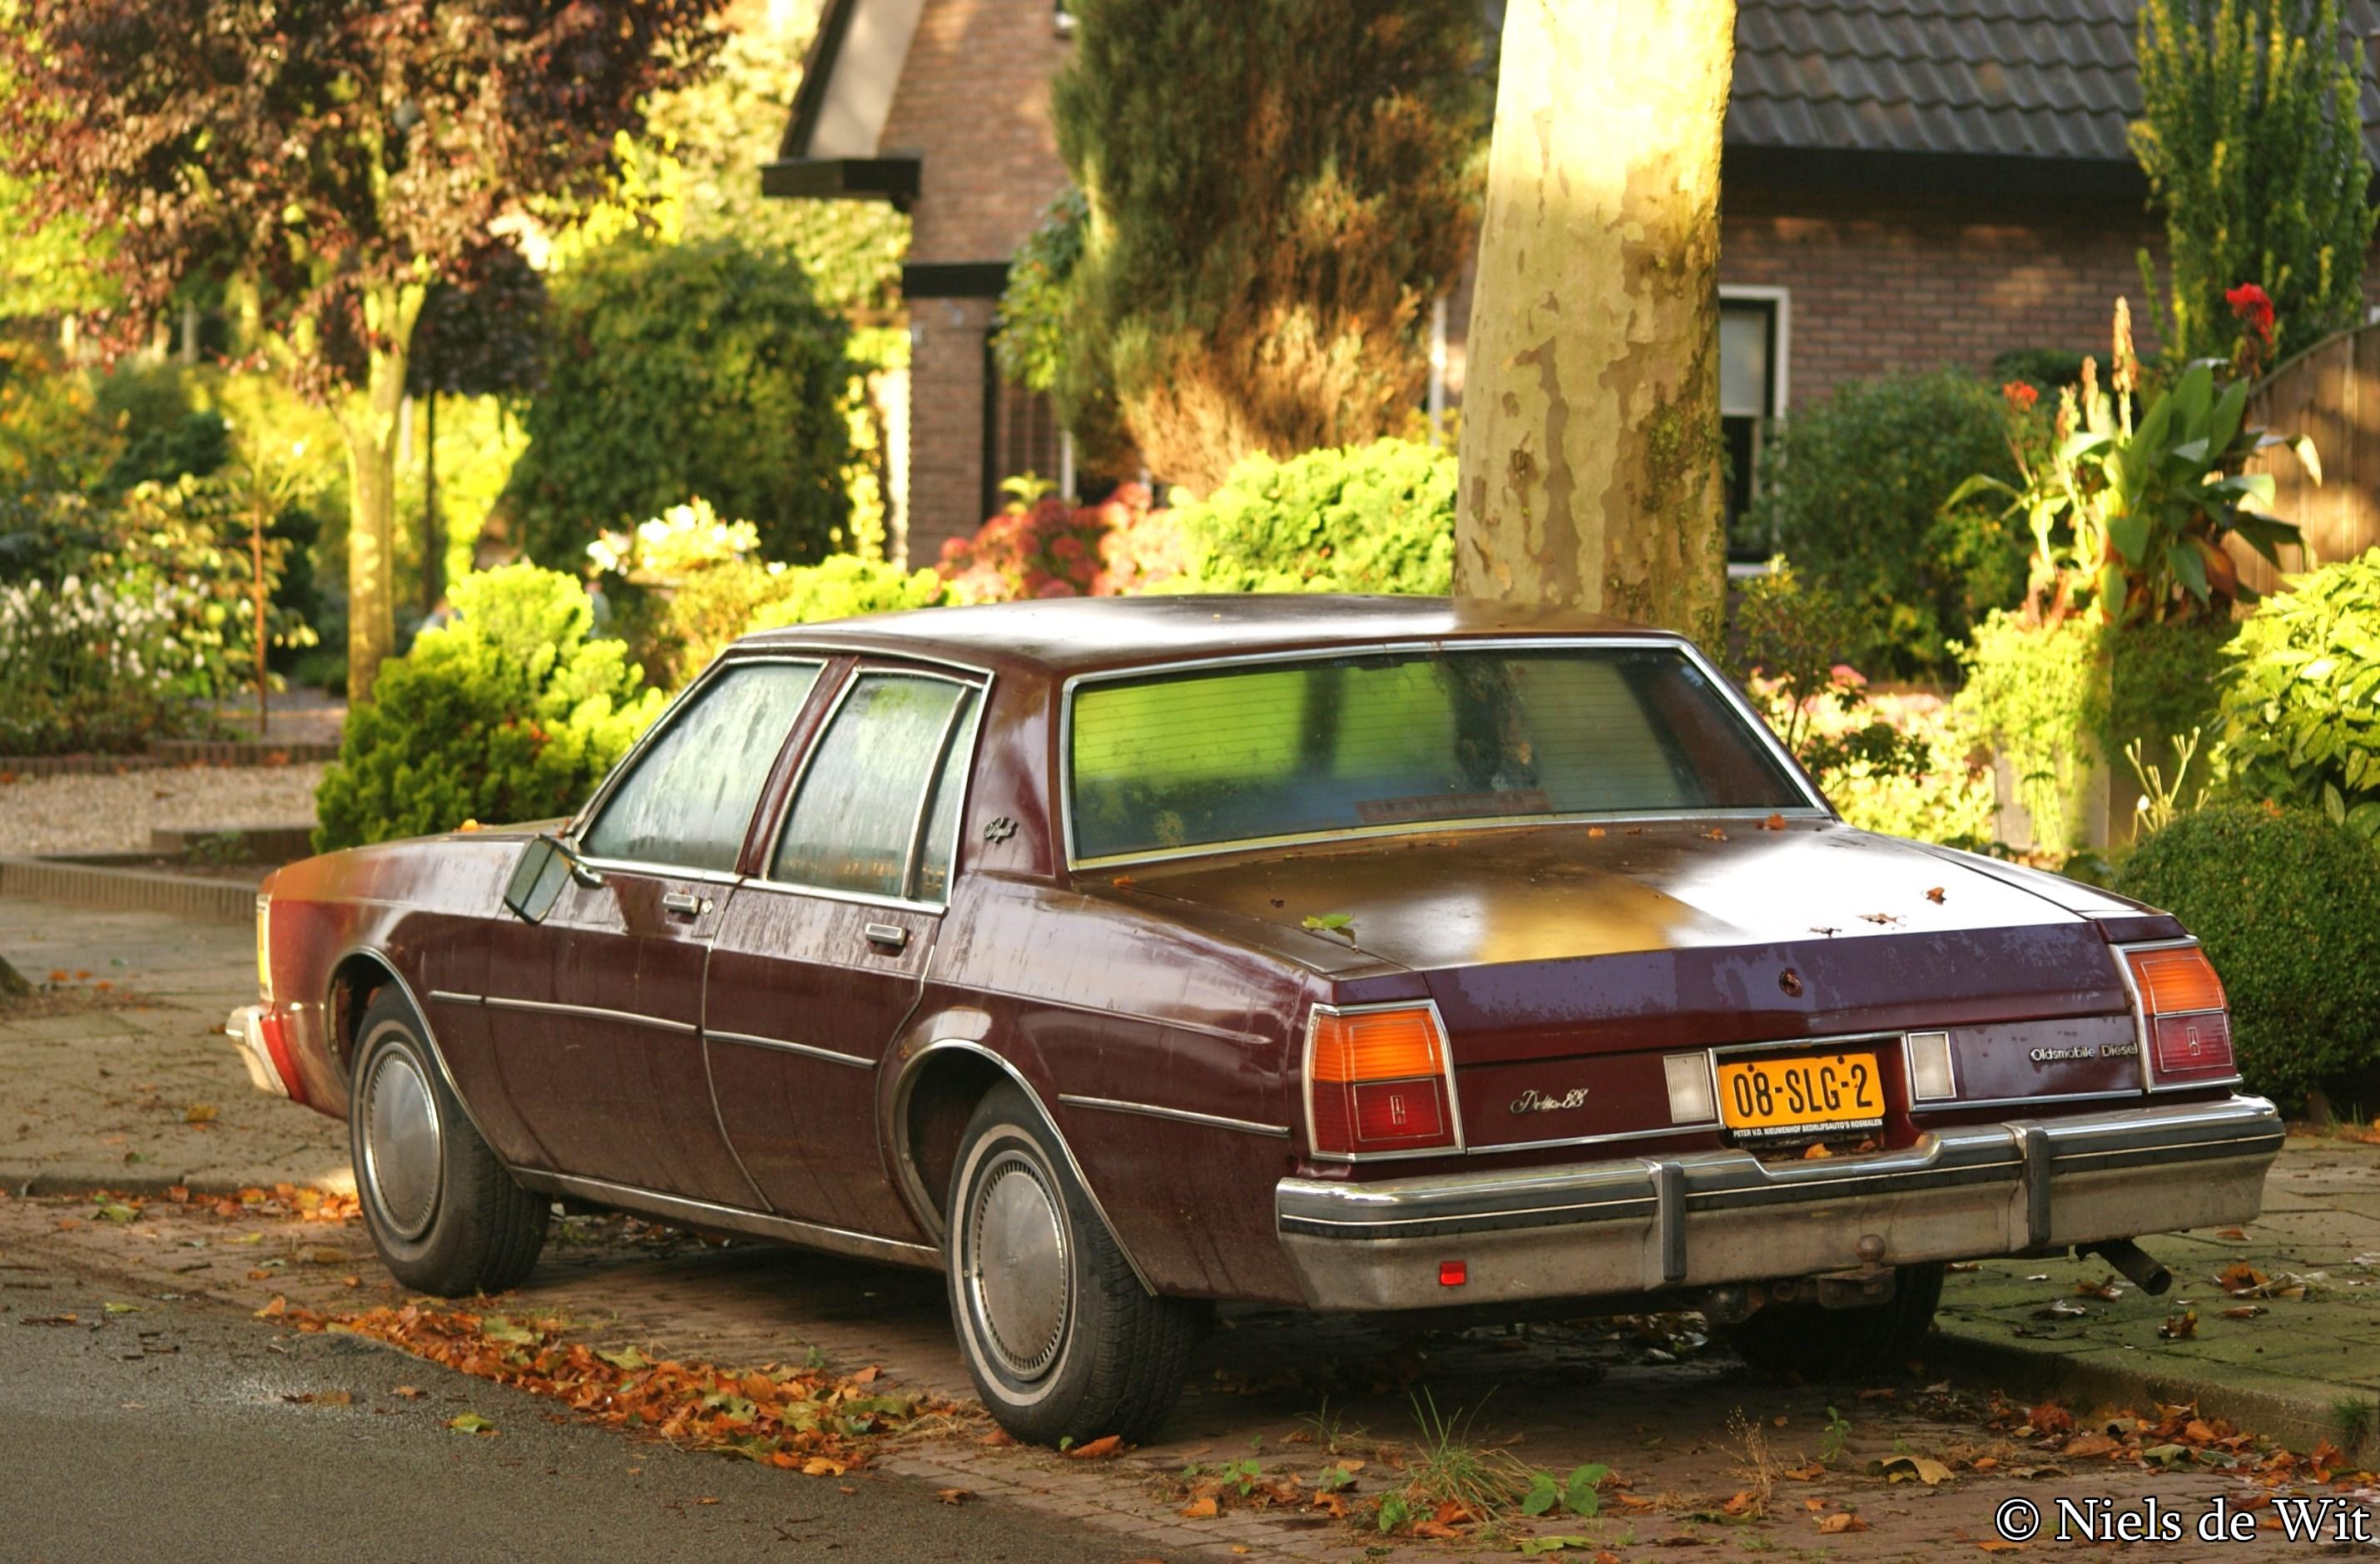 File:1980 Oldsmobile Delta 88 Royale Diesel (15163383740 ...1980 Oldsmobile Delta 88 Royale